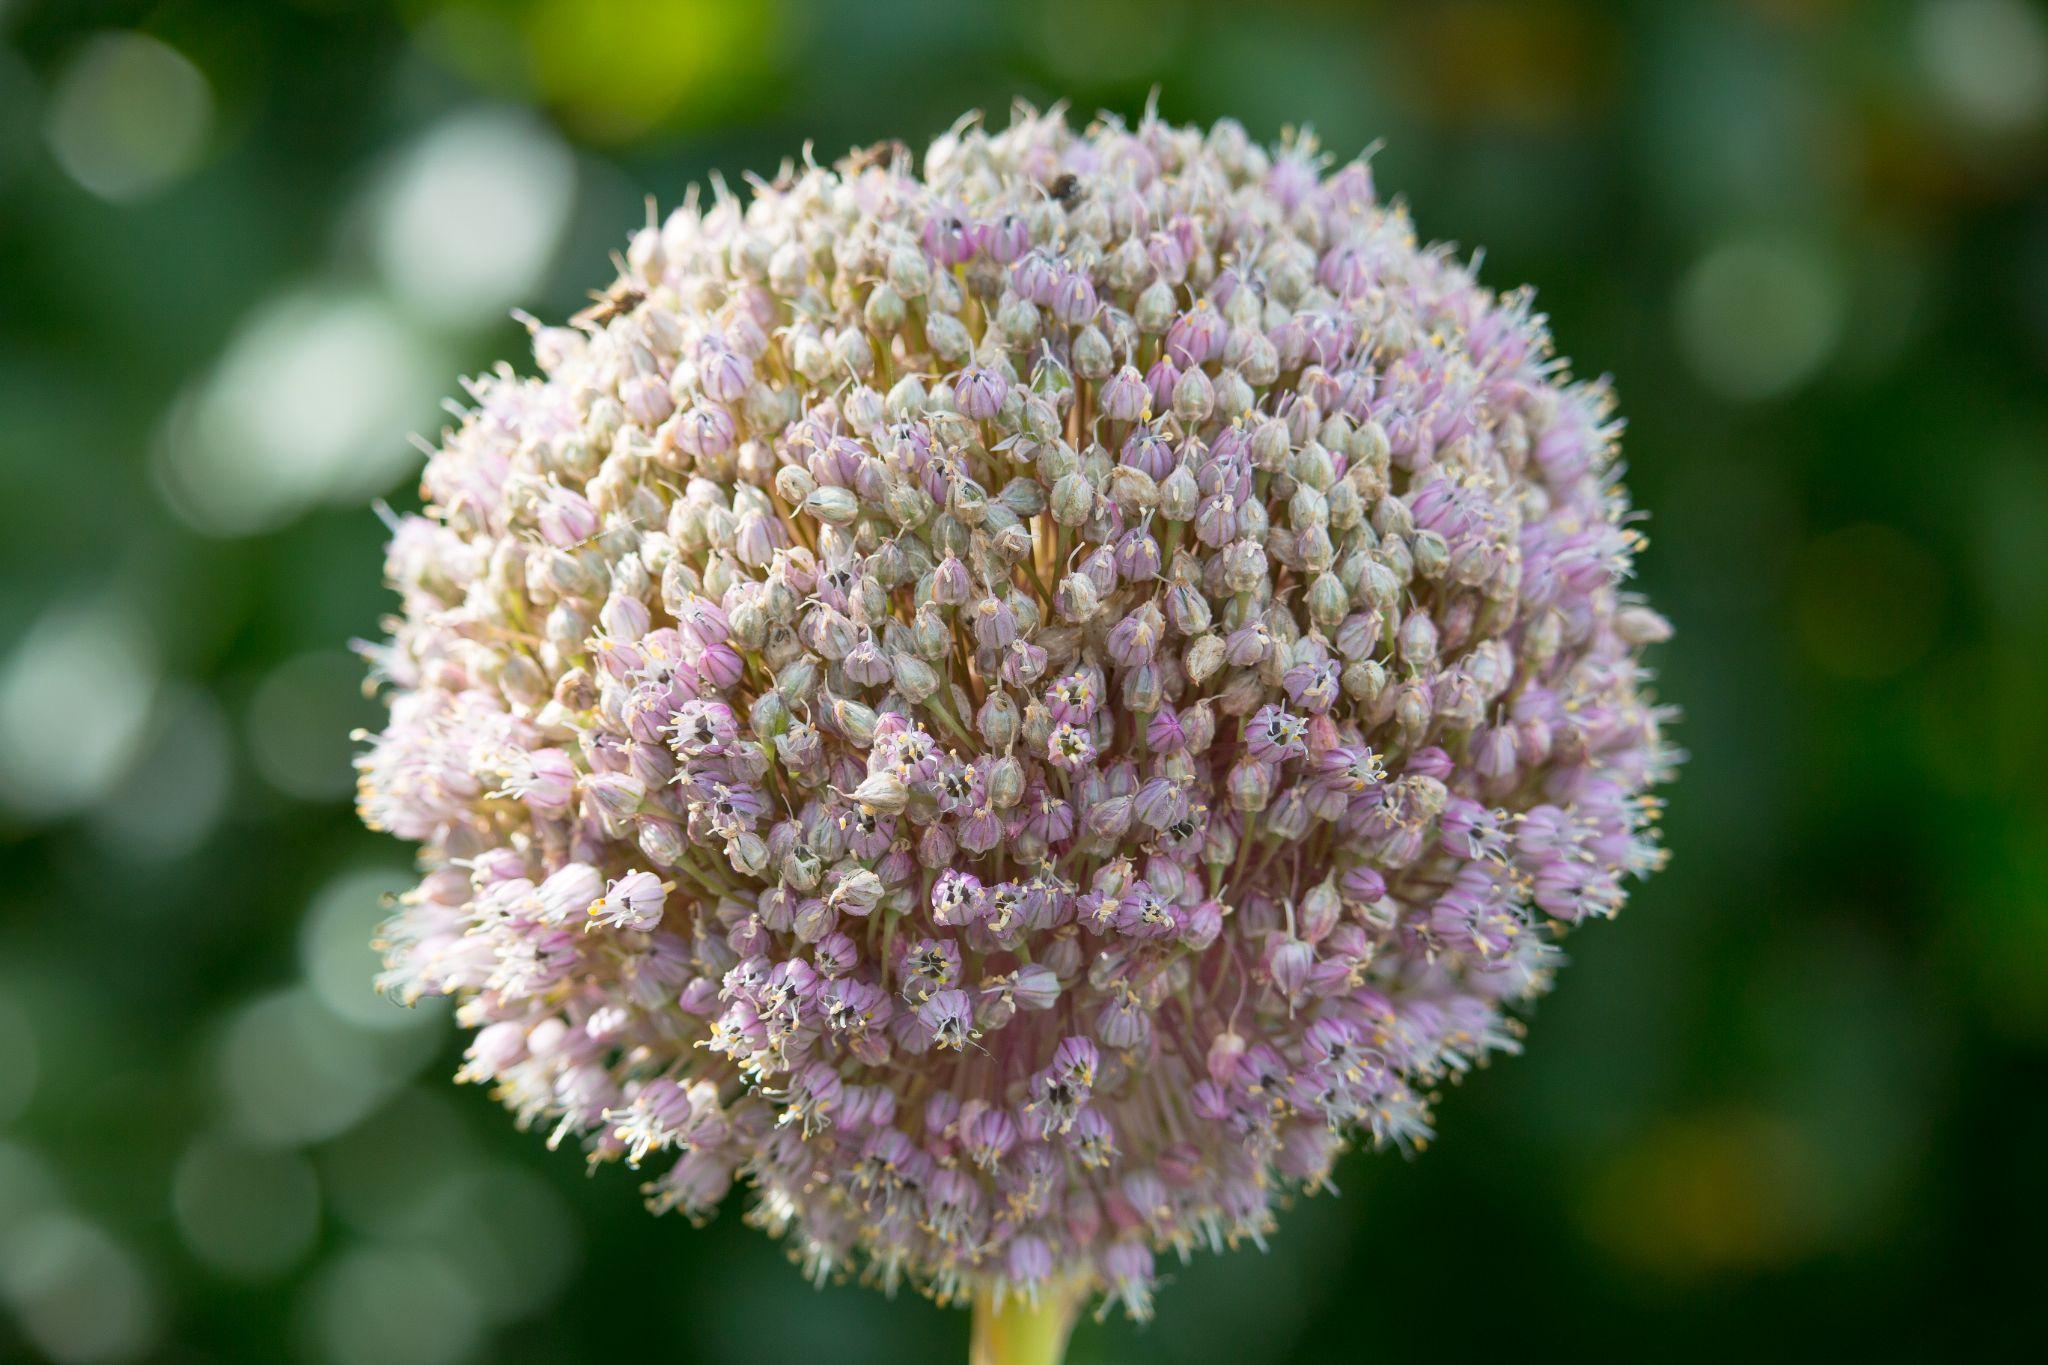 No Idea Flower by Gareth Sawbridge